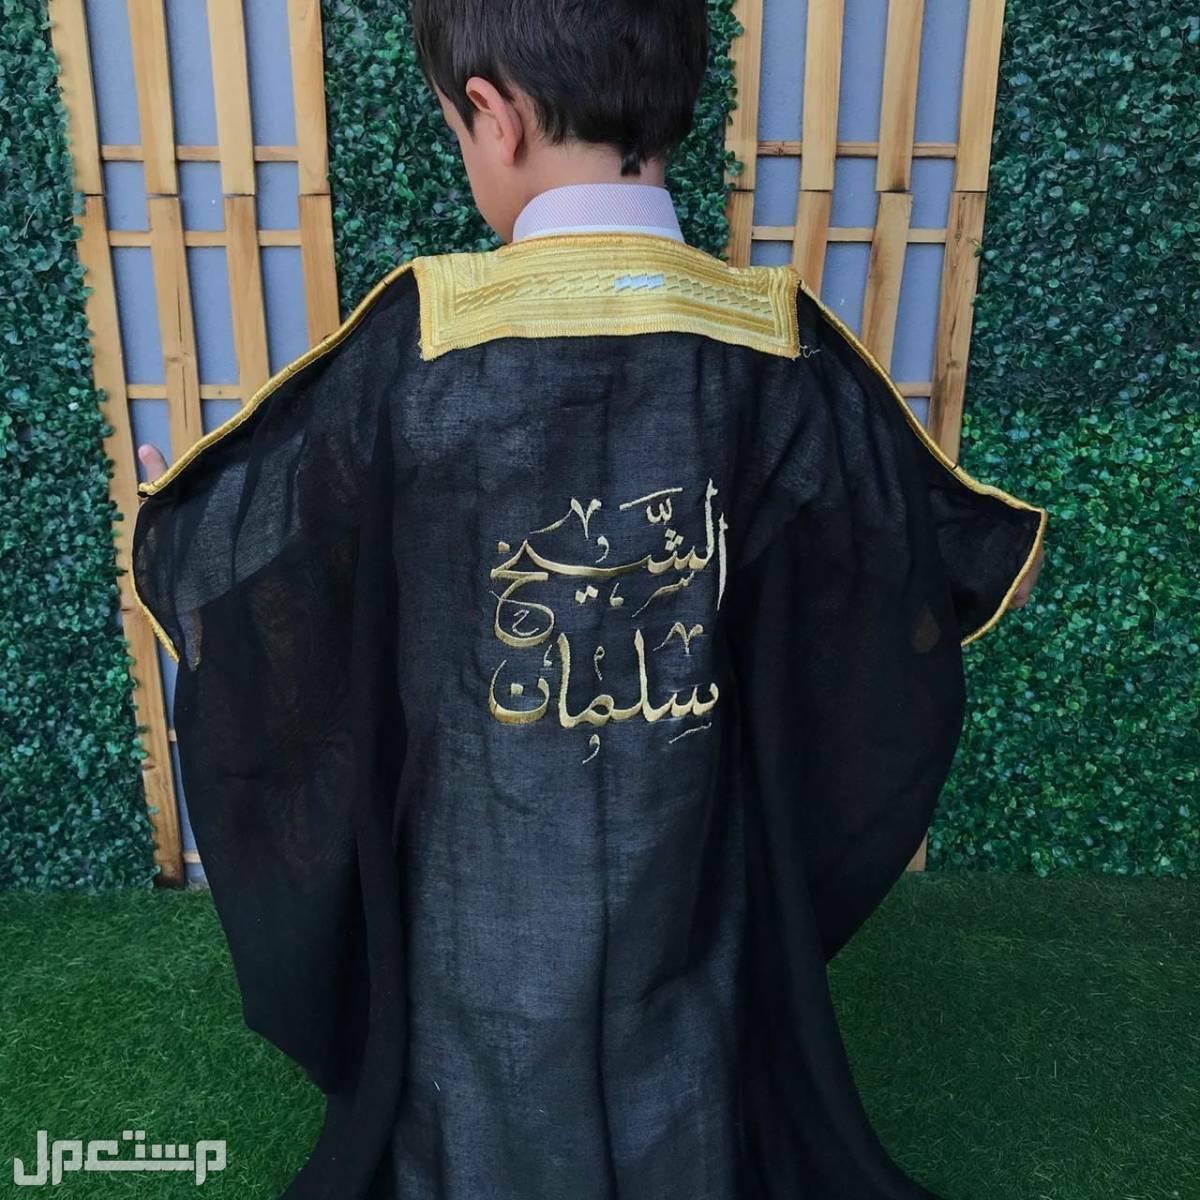 بشت اطفال مع تطريز الاسم حسب الطلب # نشحن لكل المدن